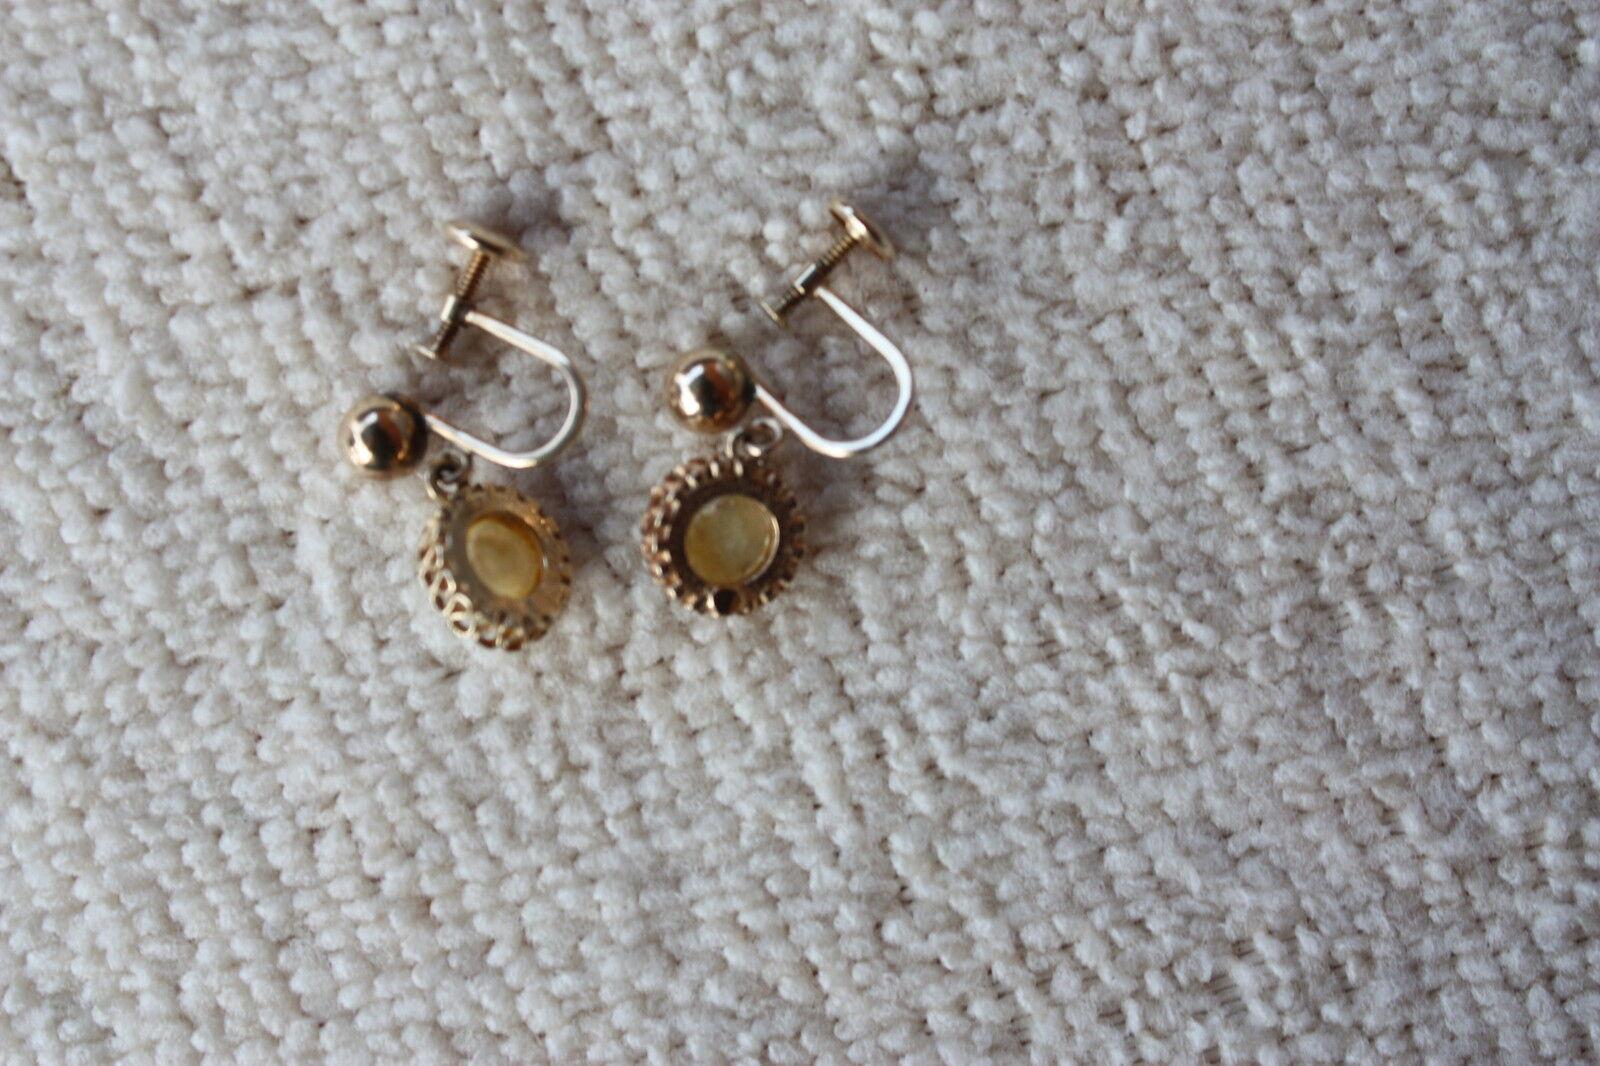 VTG 14k GOLD  Opal Clip on   EARRINGS - image 2